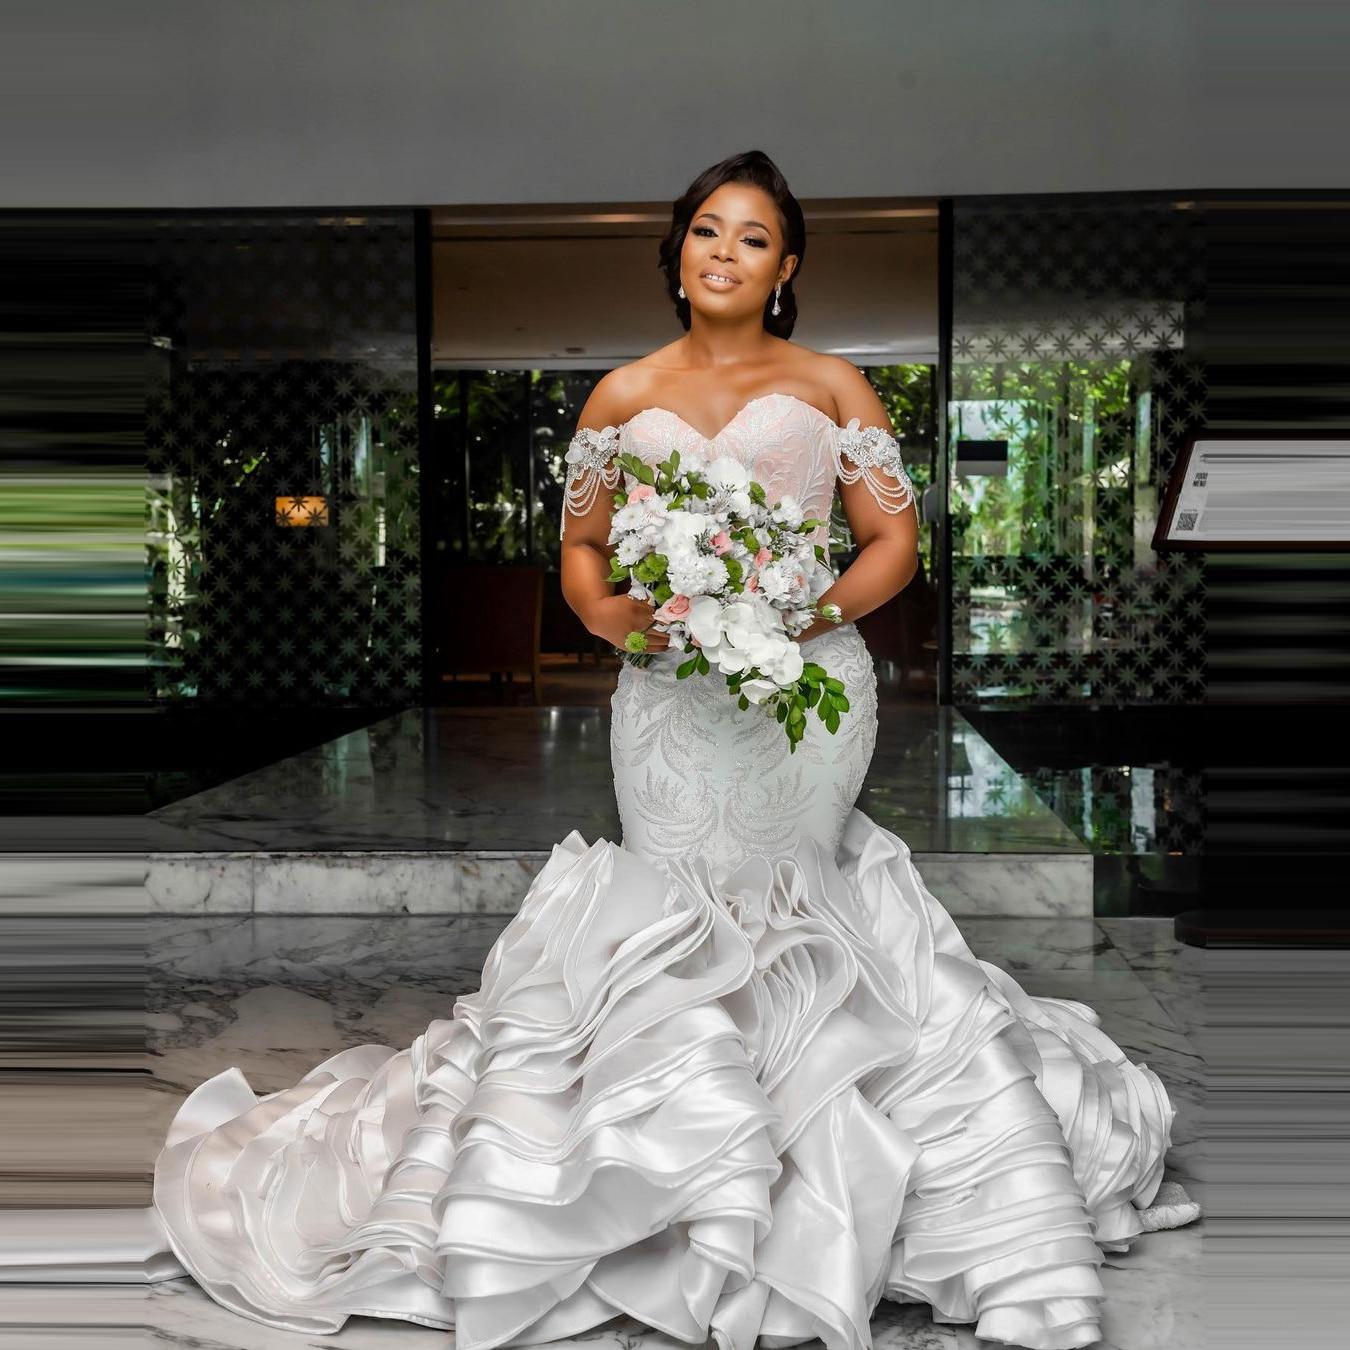 فستان زفاف فاخر بمقاسات كبيرة فستان زفاف على شكل قلب مزود بشراشيب وكشكشة وخرزات فستان زفاف للسيدات